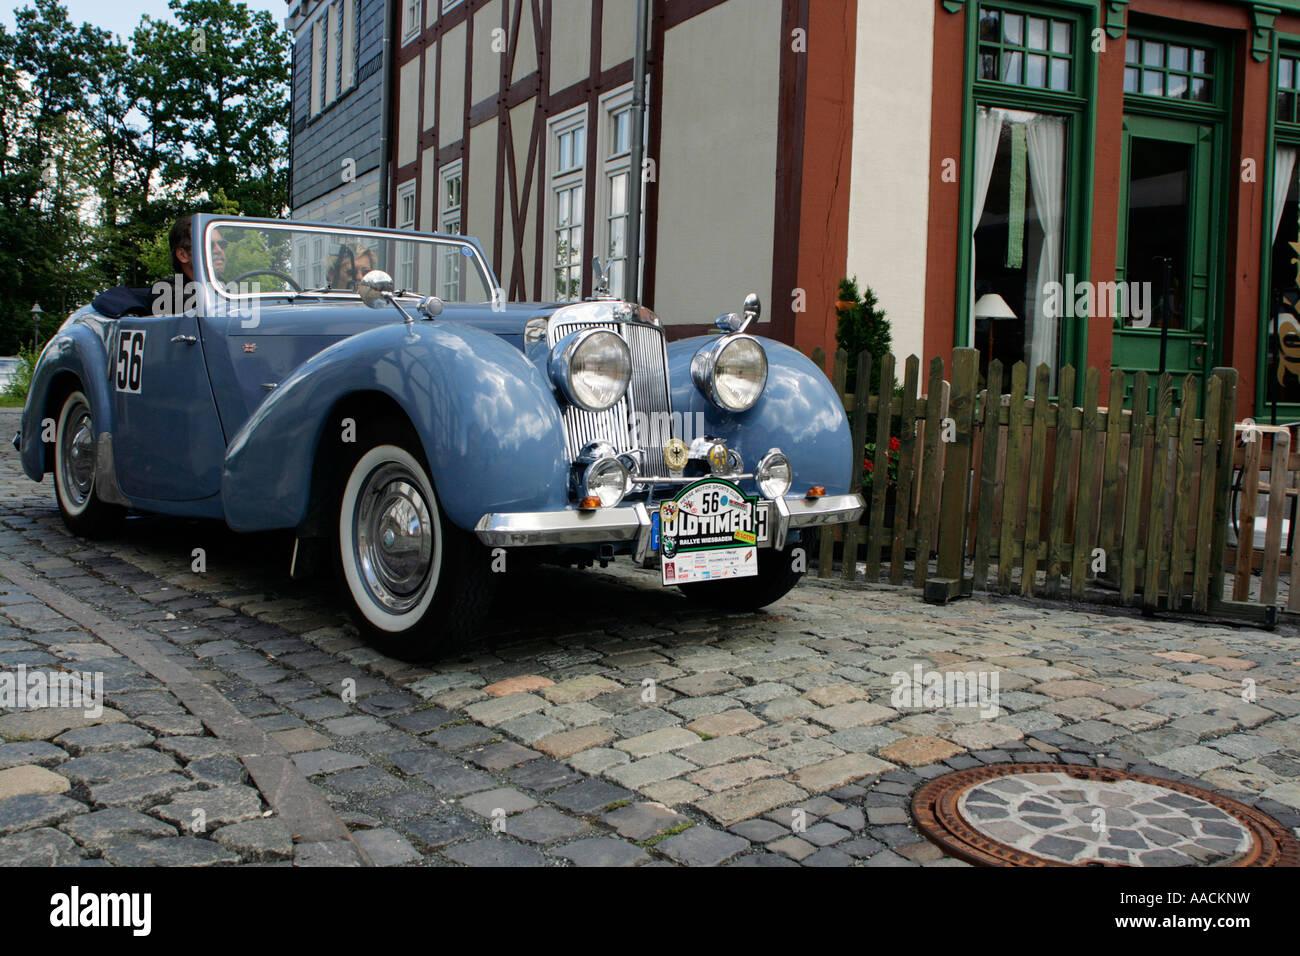 Vintage car Triumph TR 1800 Roadster of 1948, vintage car race ...